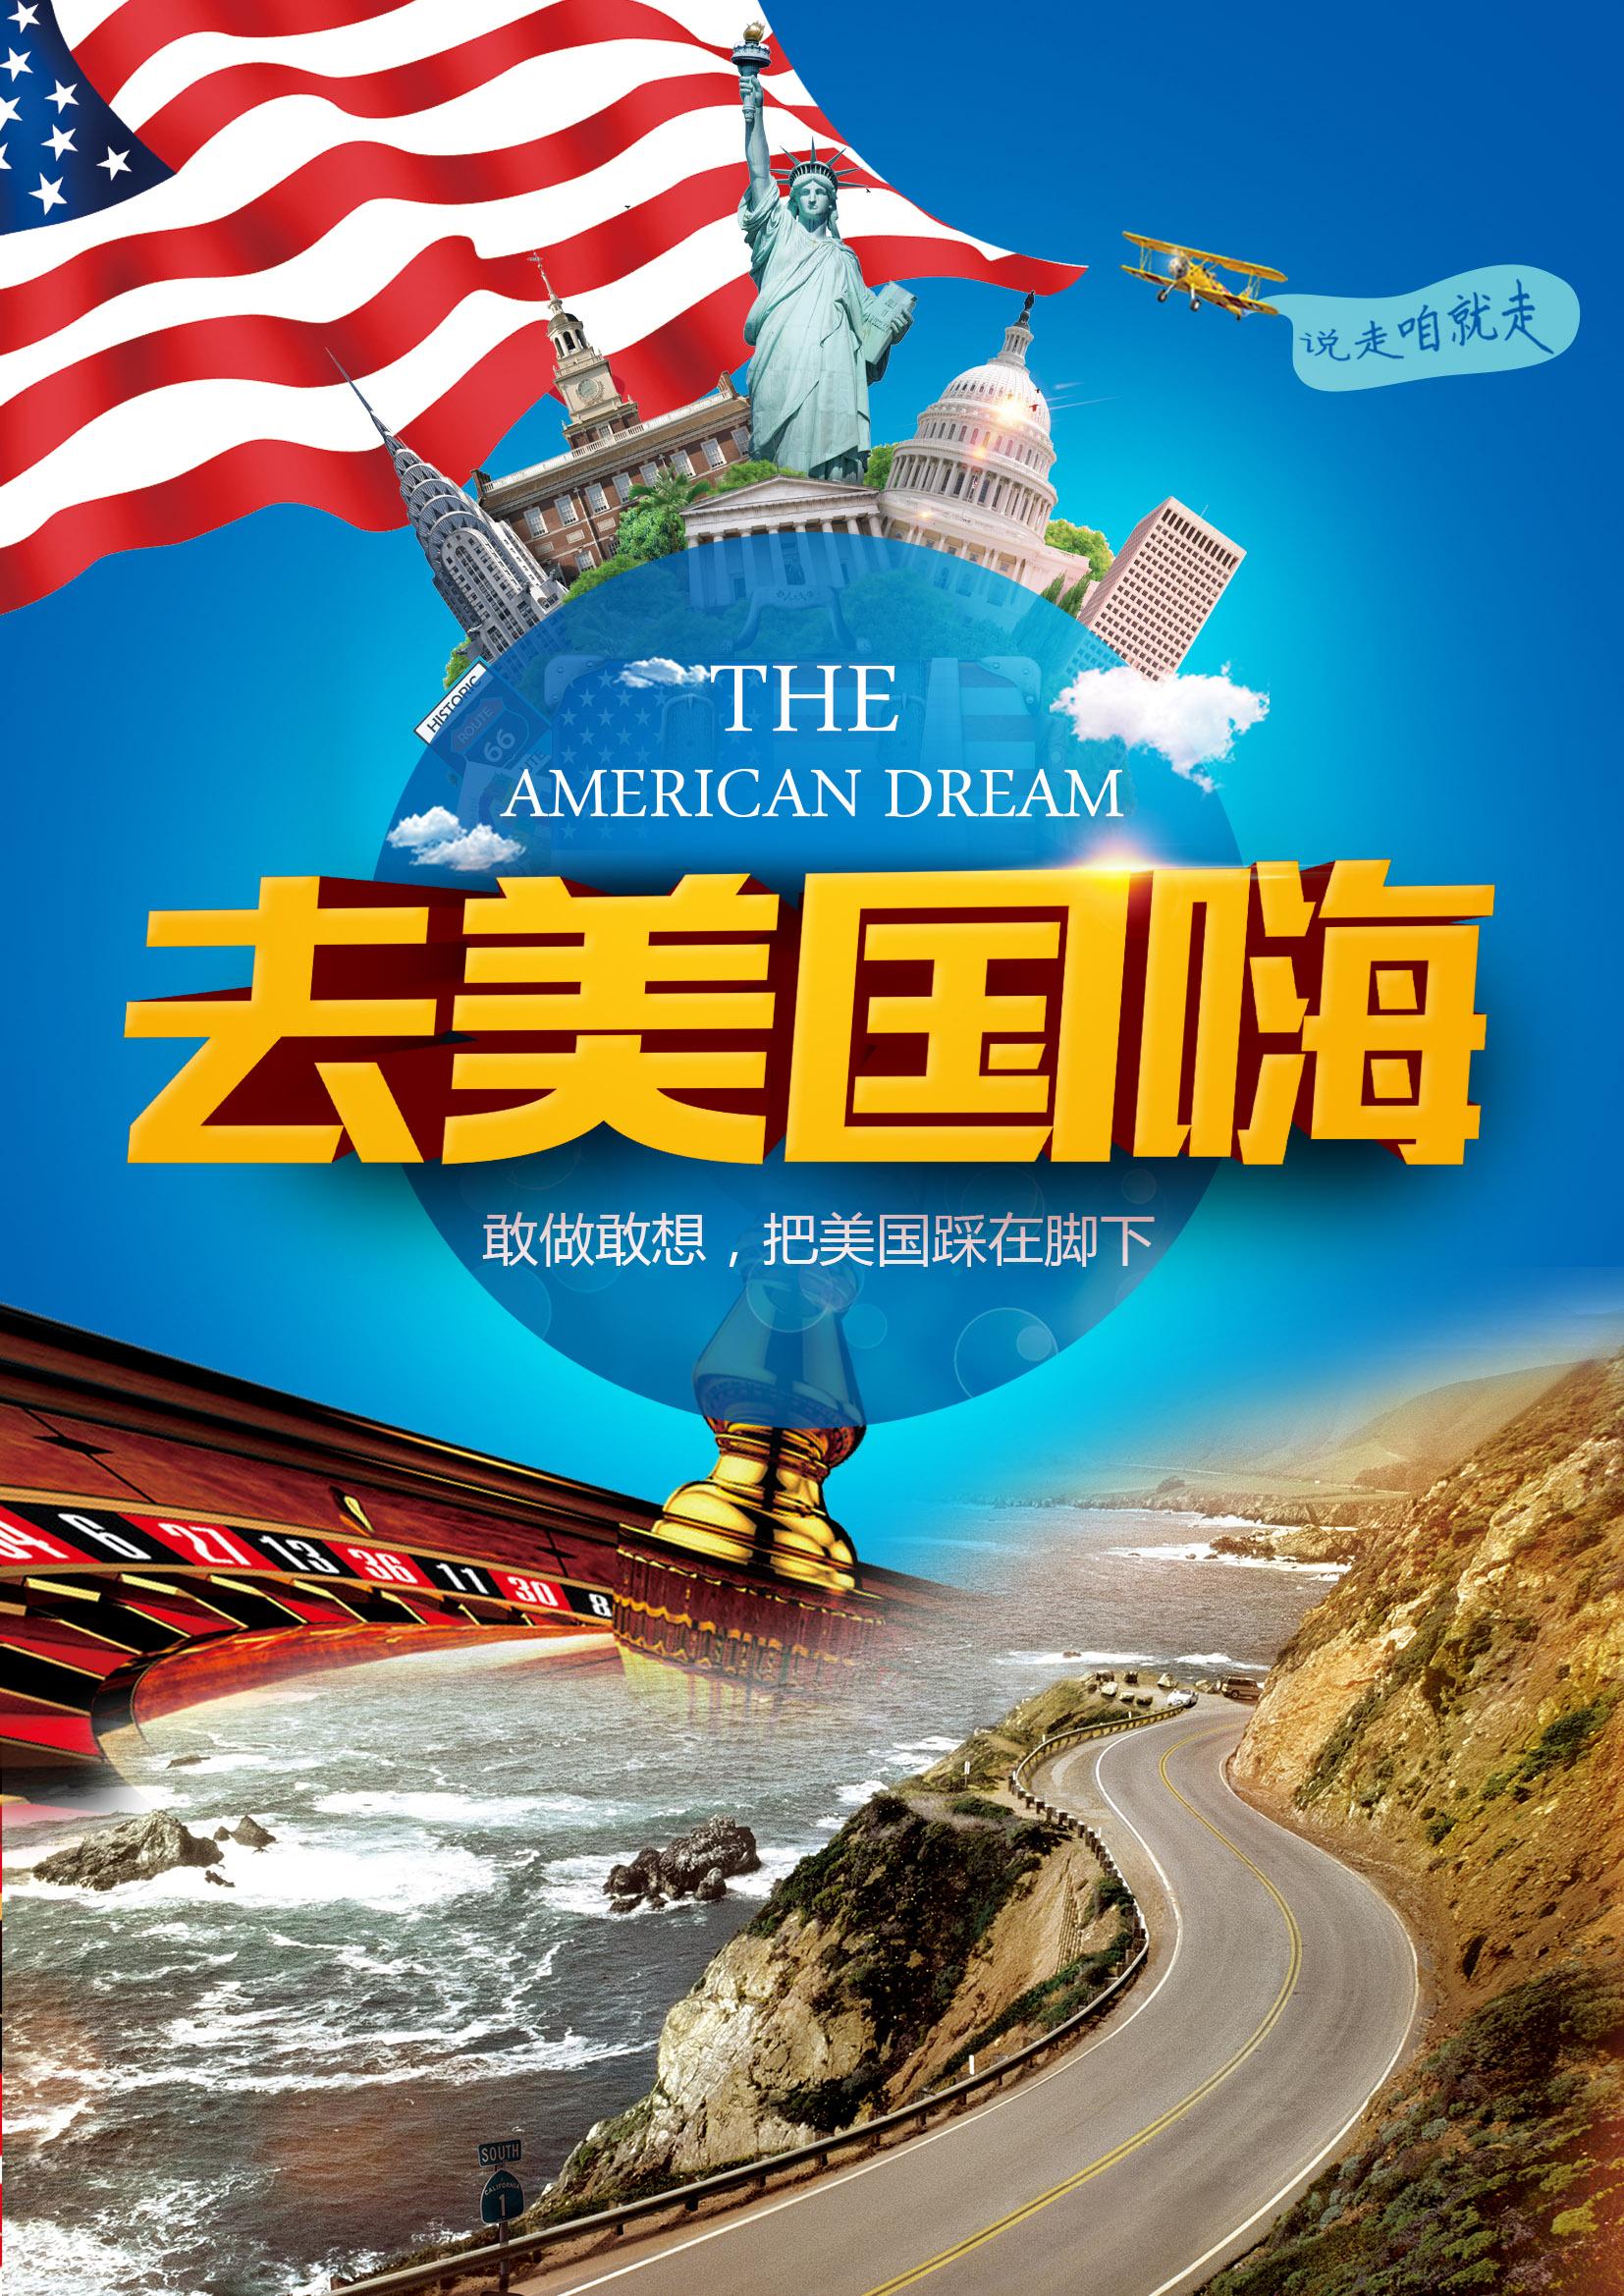 [成都出发]美国东西海岸+大瀑布+夏威夷14天